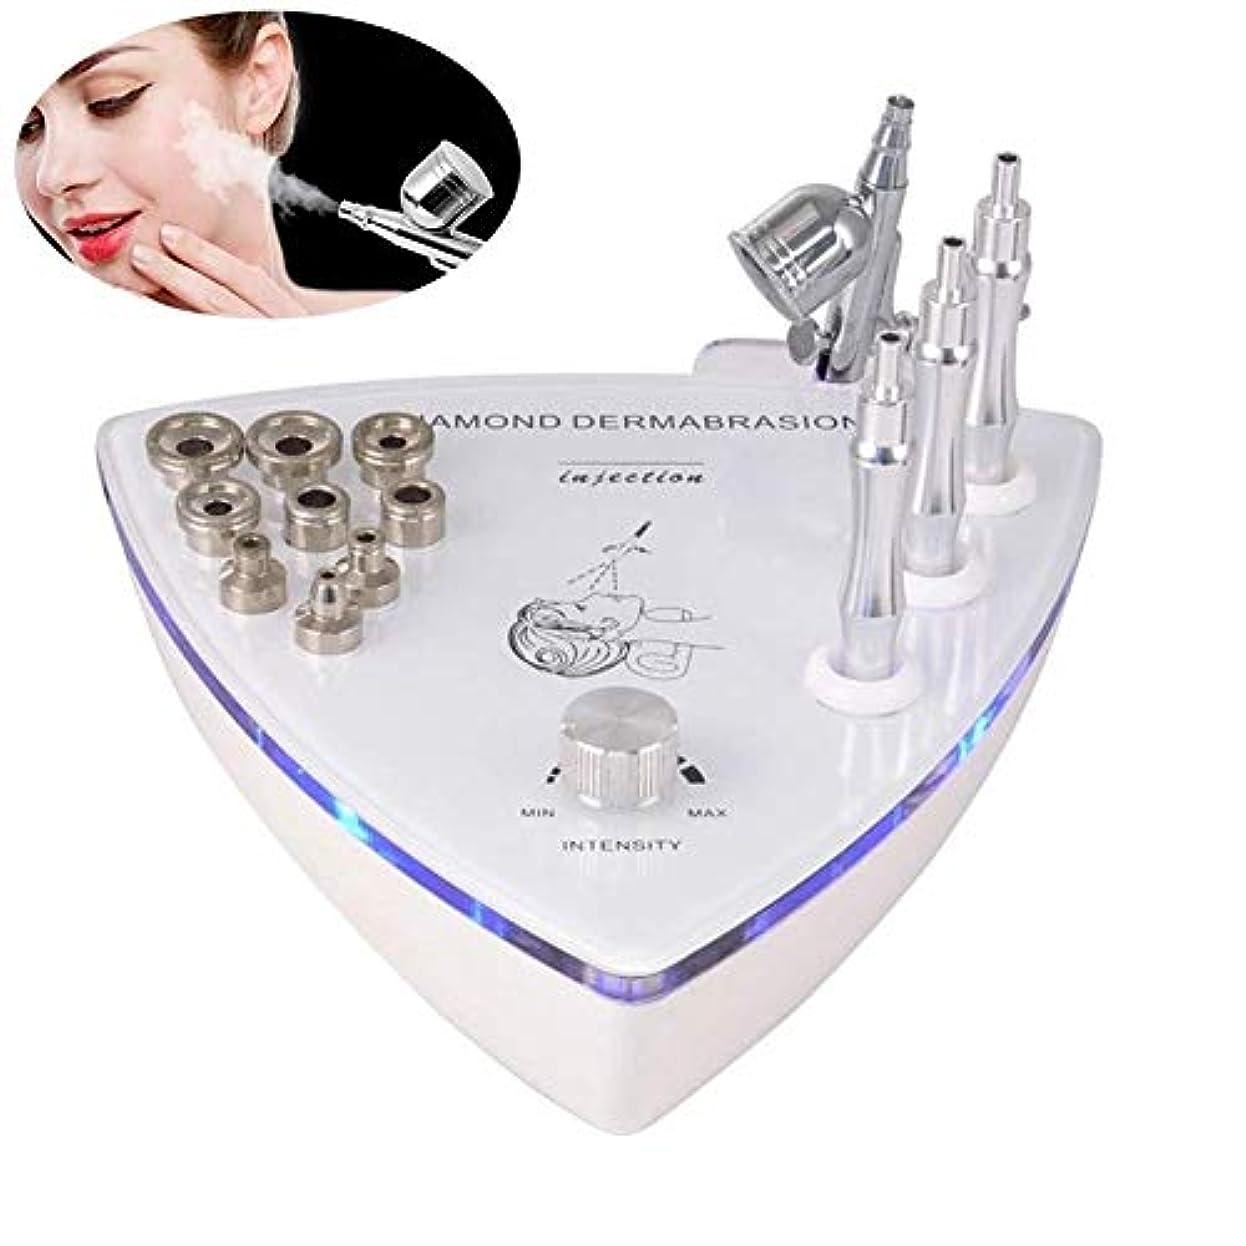 安全性称賛イライラするダイヤモンドのマイクロダーマブレーションDermabrasionマシン、スプレーガン家庭用装備のフェイシャルスキンケア美容機器(強力な吸引力:0-68cmHg)